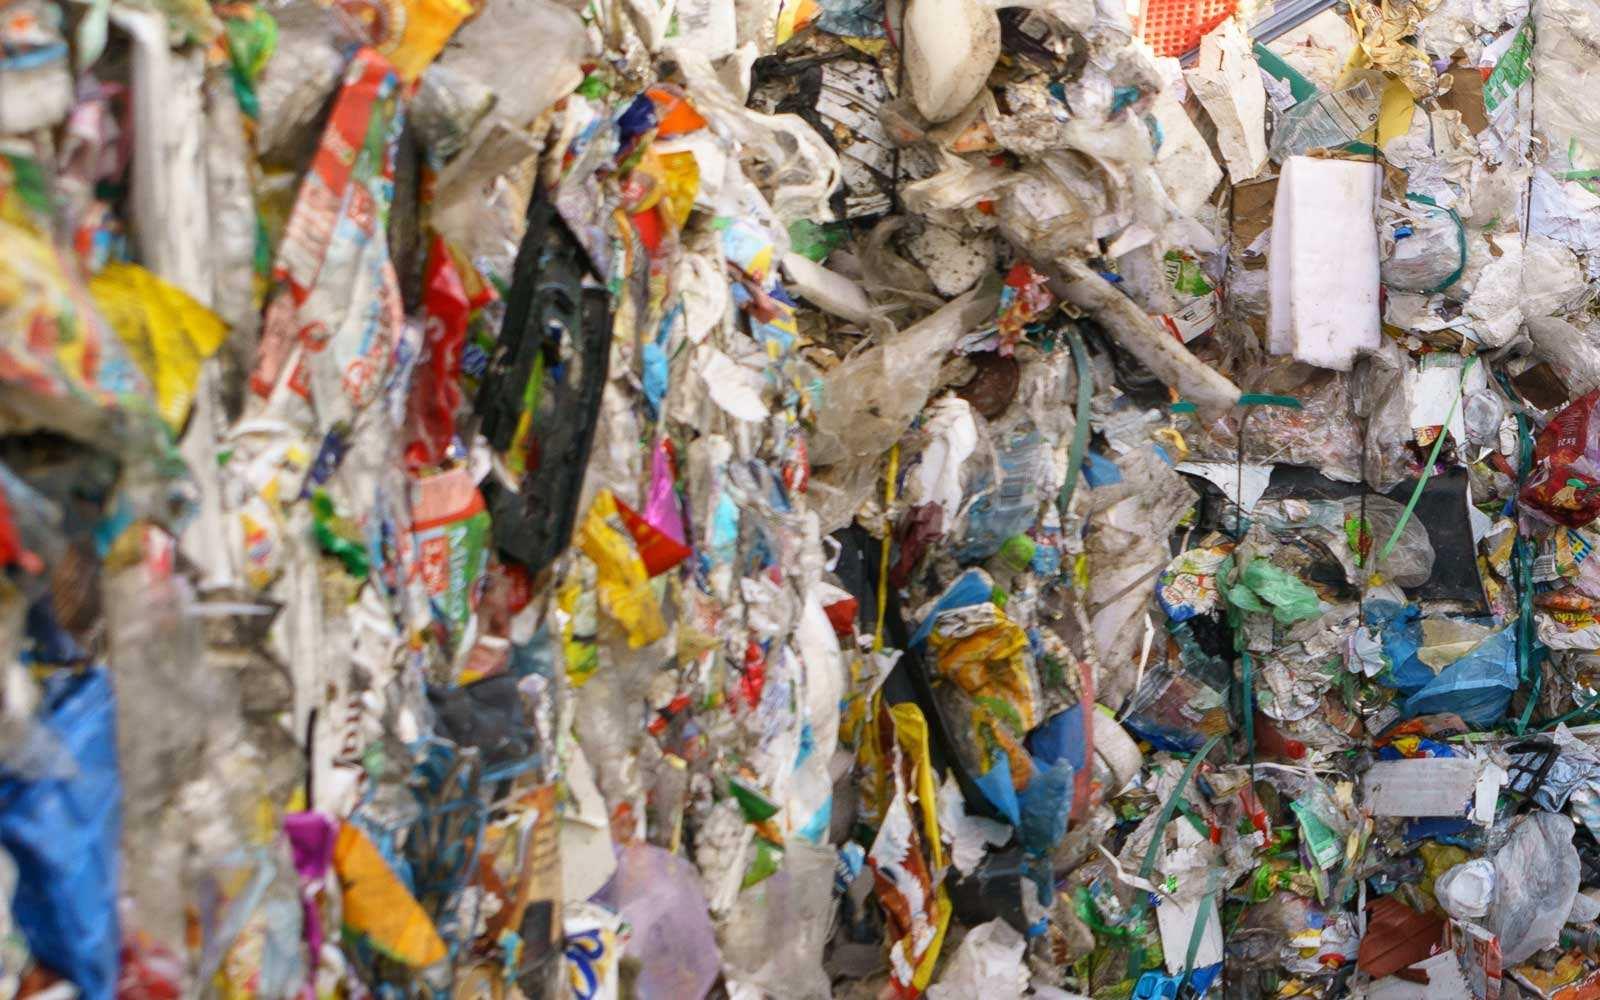 Kostki śmieci wsortowni odpadów. Fot. Krzysztof Skłodowski